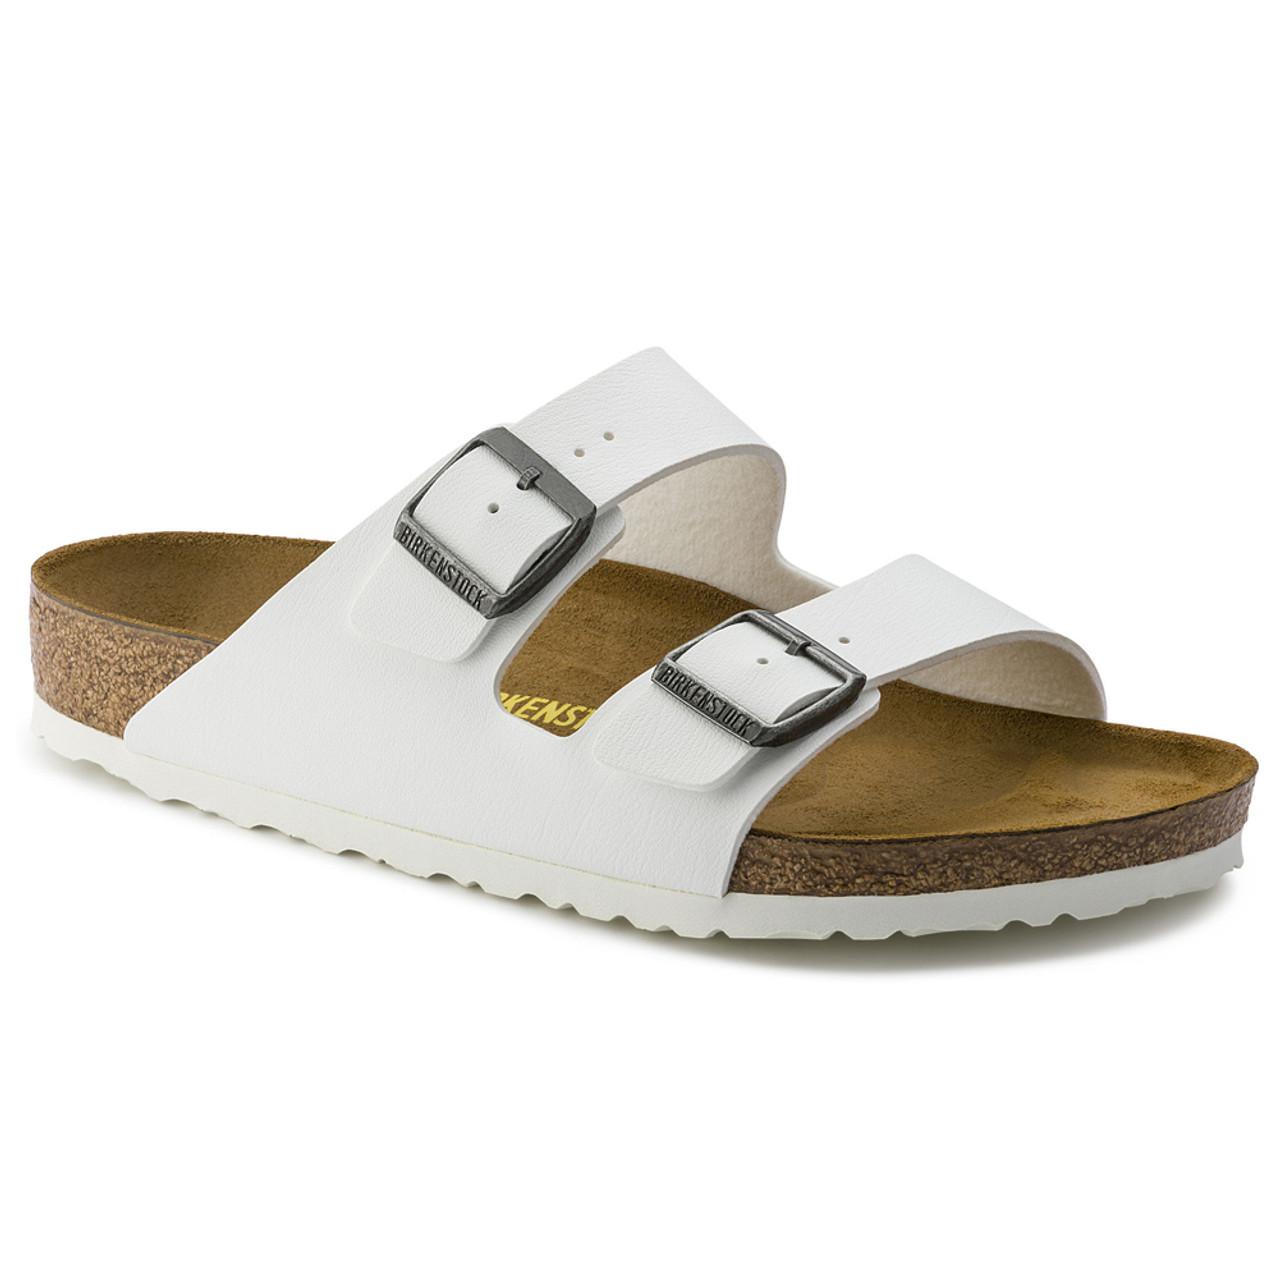 Discount Birkenstock Ladies Sandals \u0026